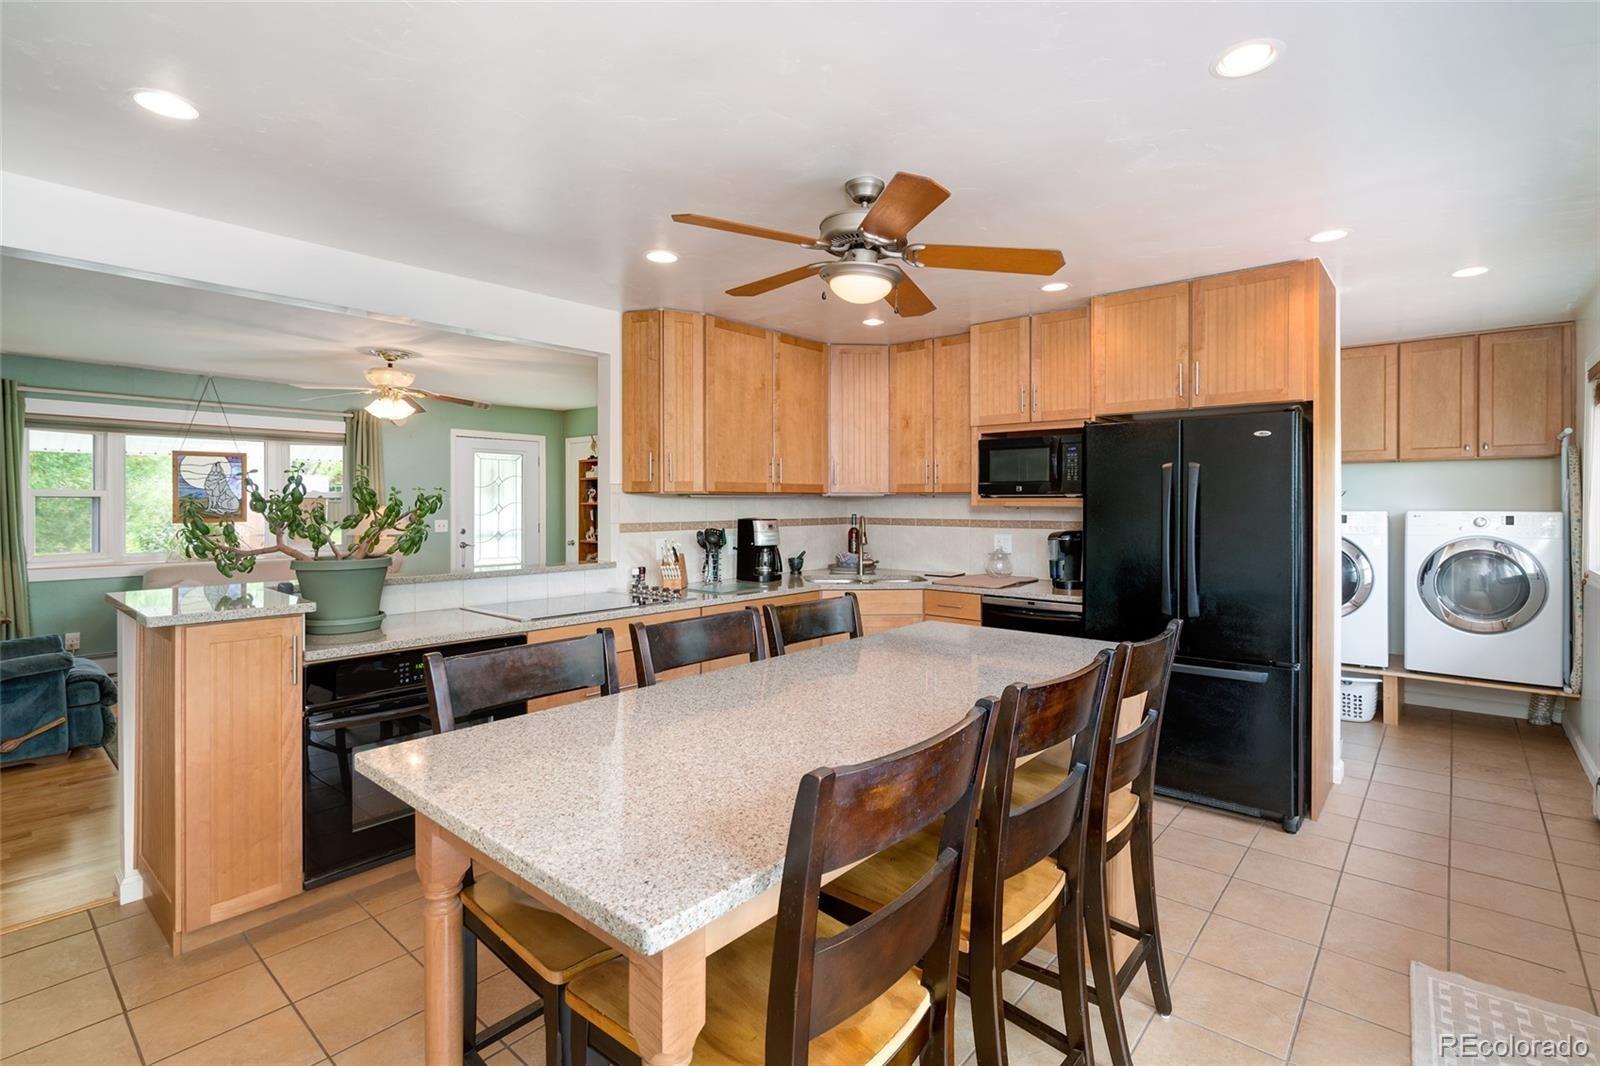 MLS# 3802480 - 1 - 40485  Blue Heron Drive, Steamboat Springs, CO 80487